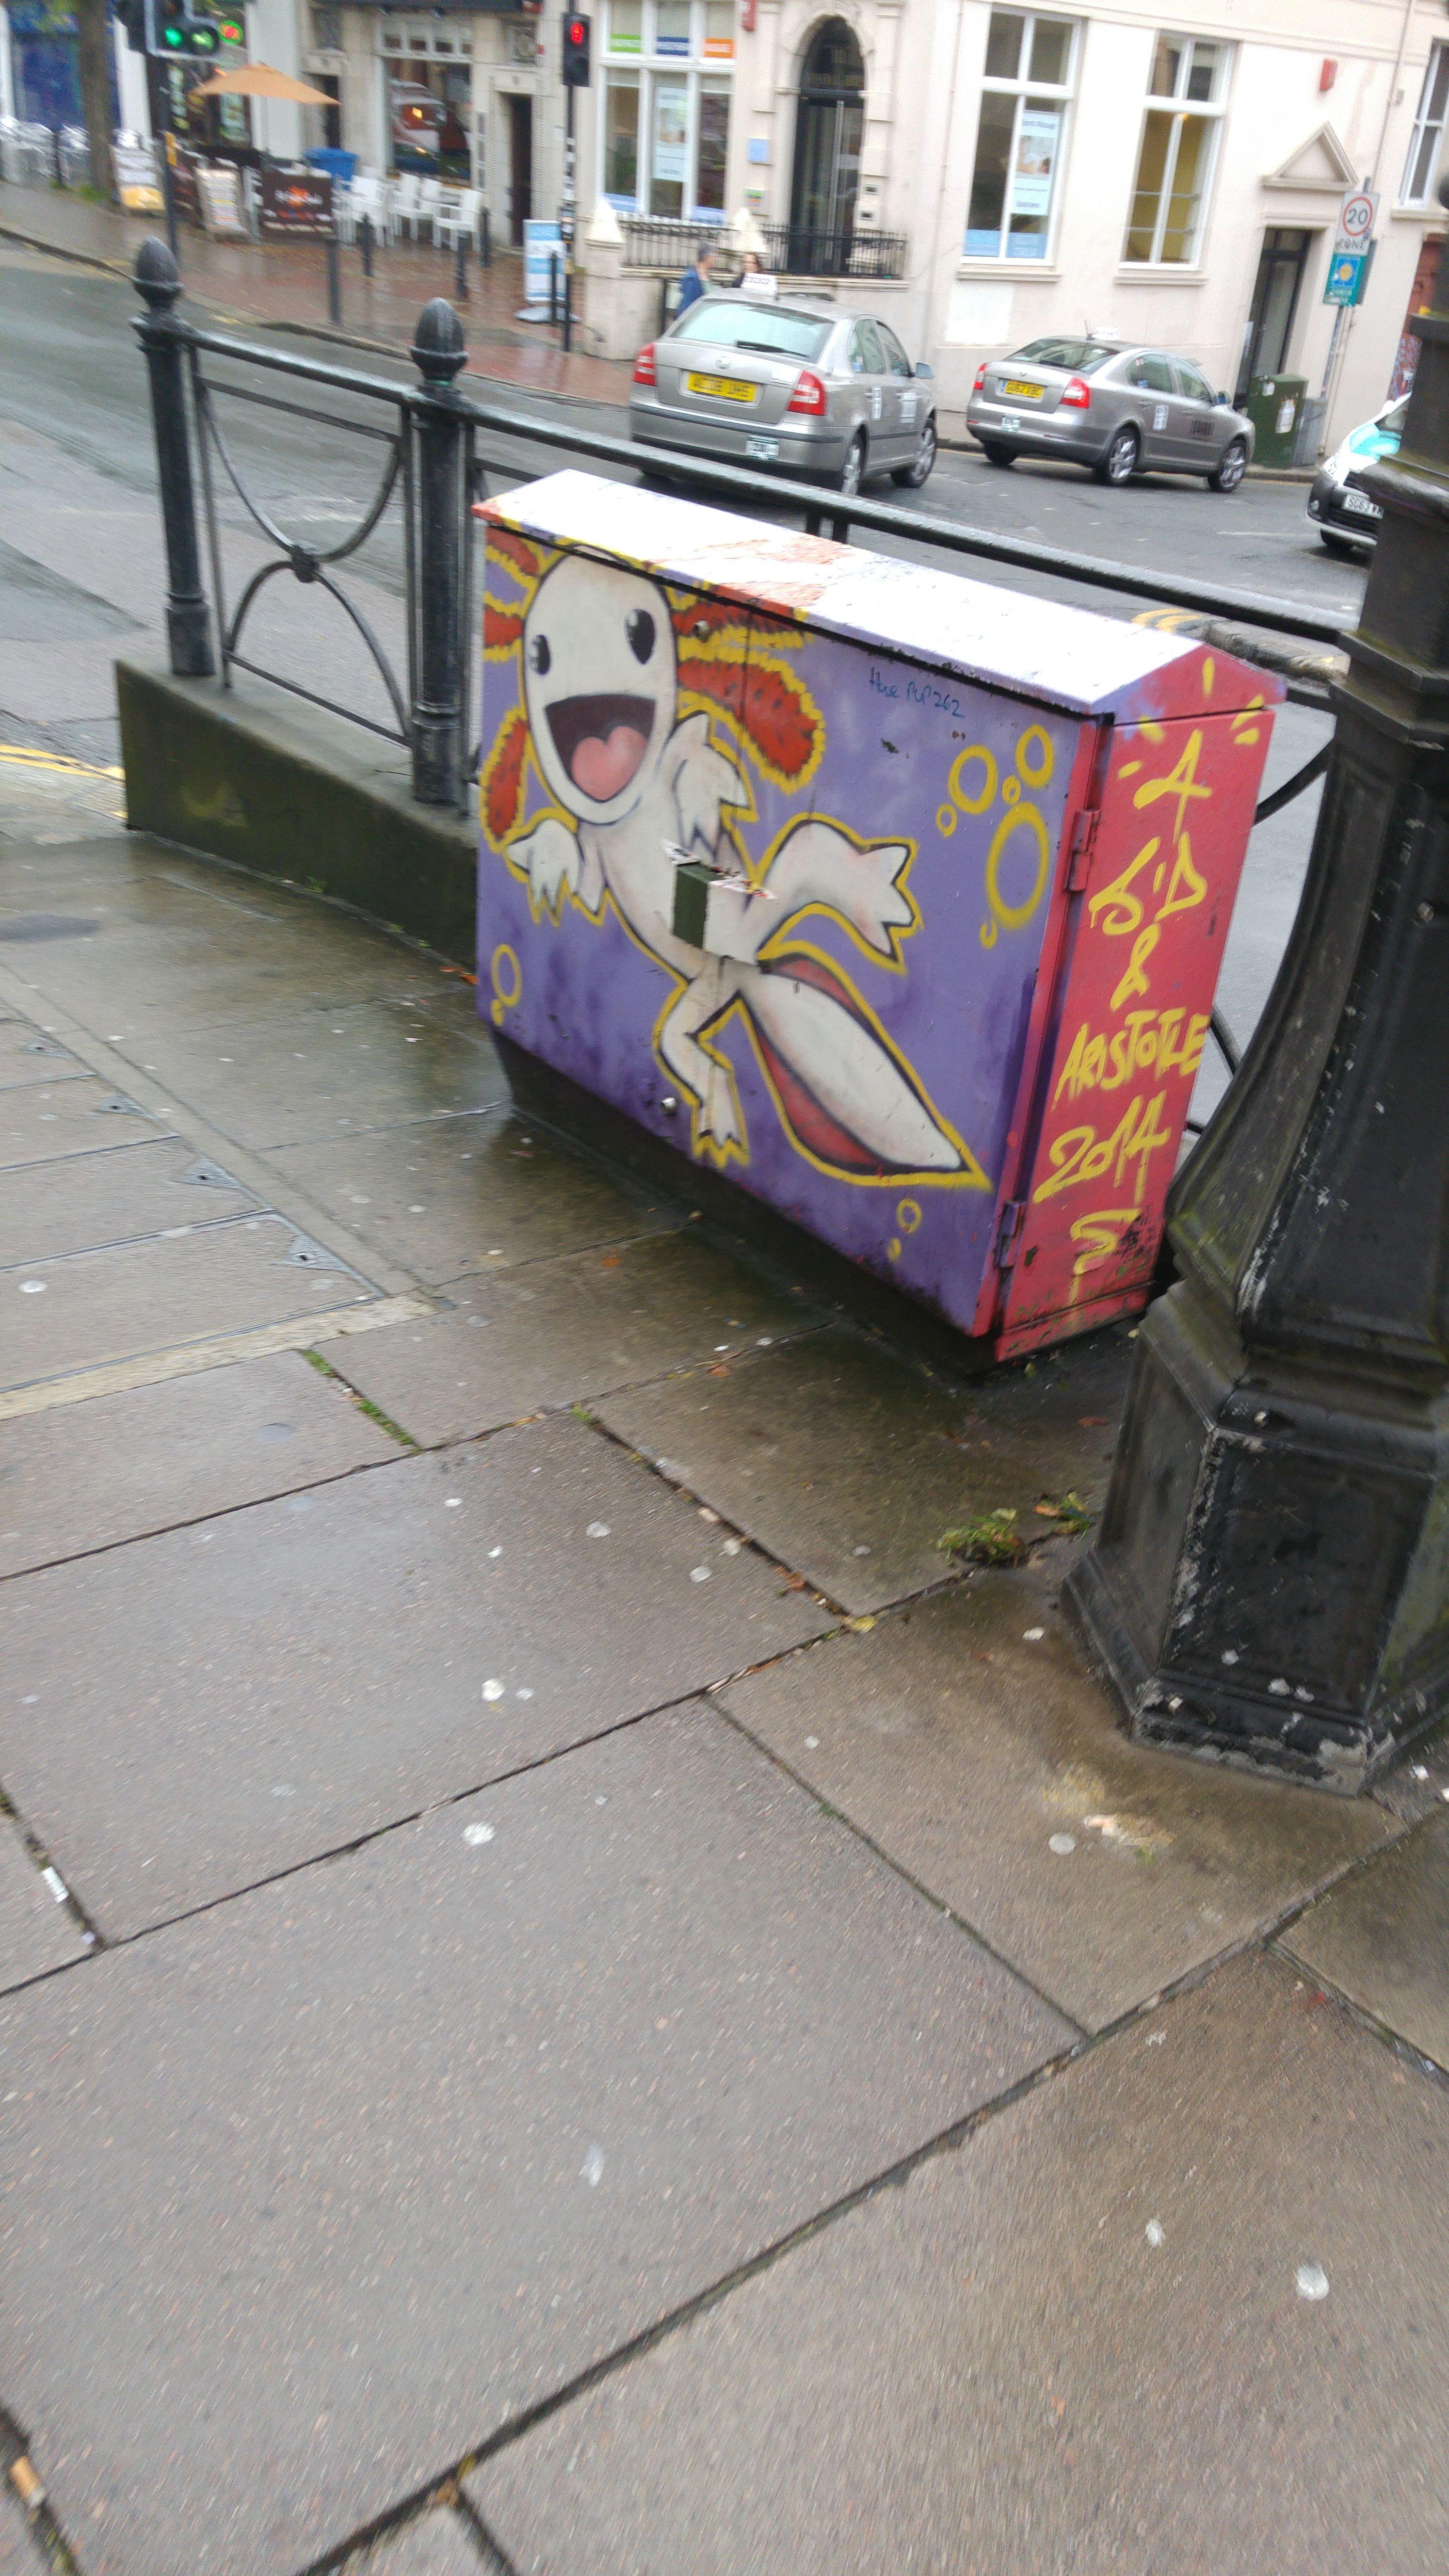 urbanartbomb #graffiti #bombing #graff #streetart - http://urbanartbomb.com/20151028_091242_burst06/ -  - Urban Art Bomb